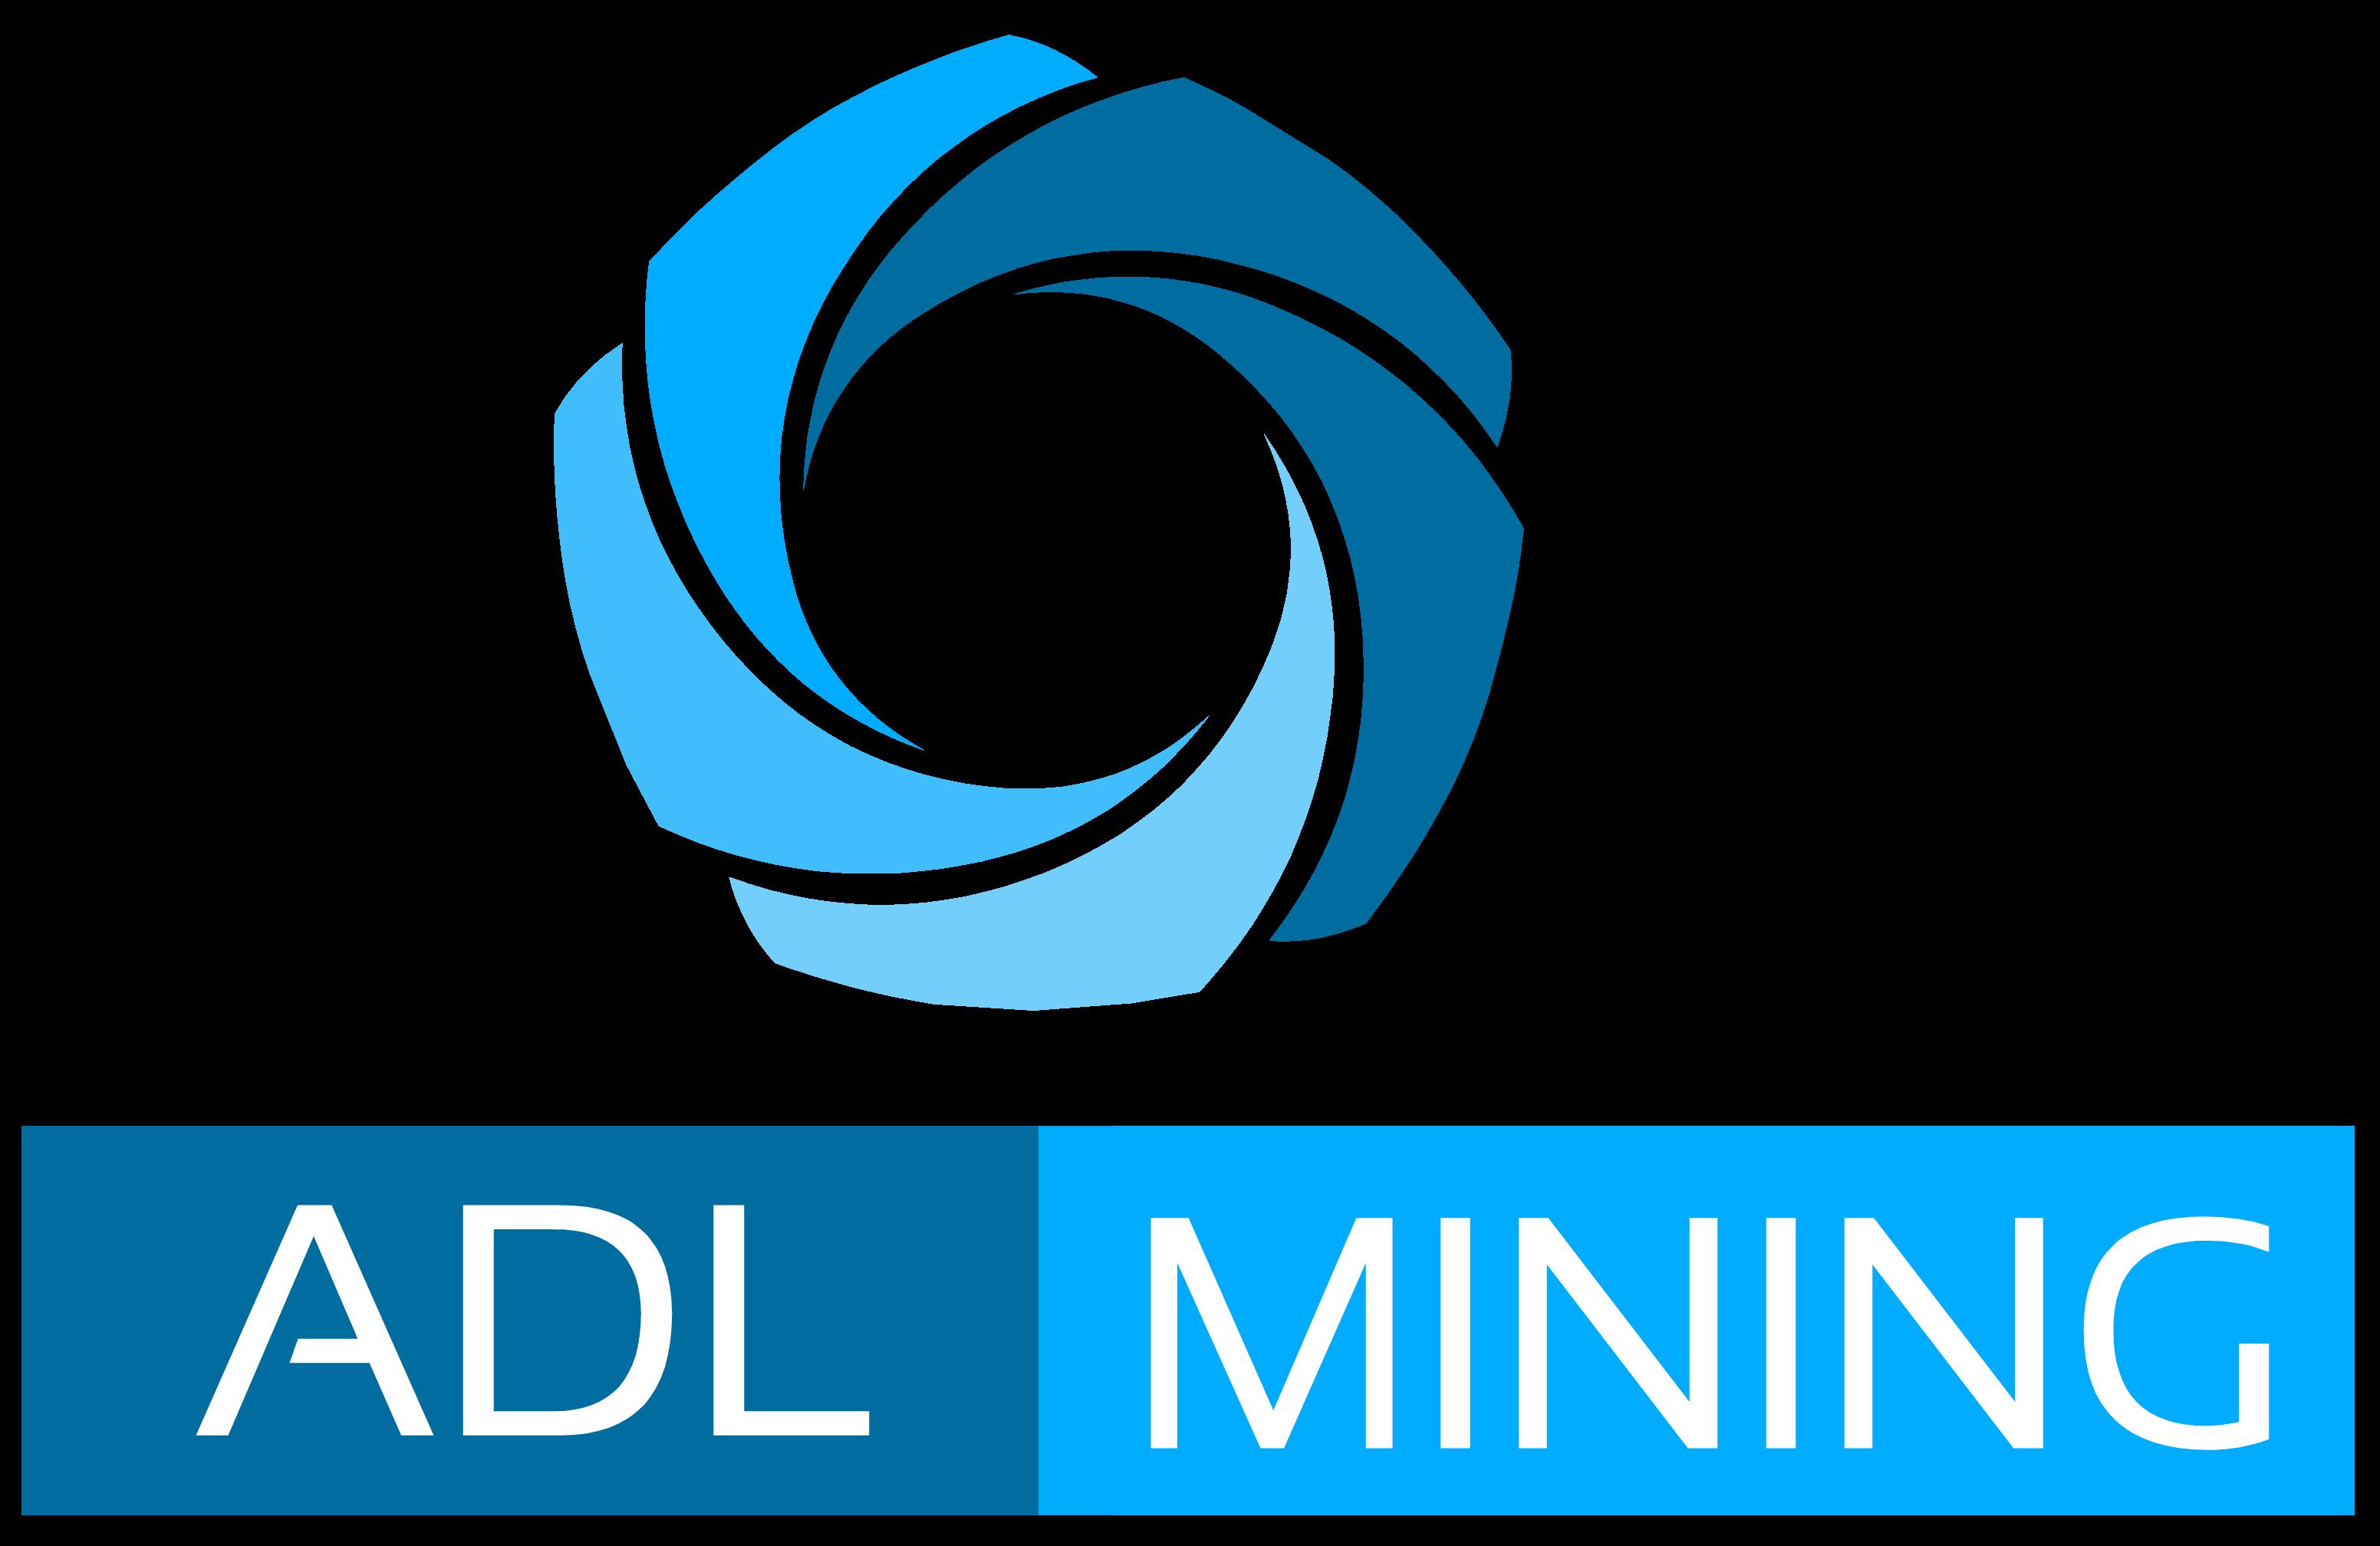 Contact Us Petroleum Coke Company Pty Ltd Mail: ADL Mining Pty Ltd